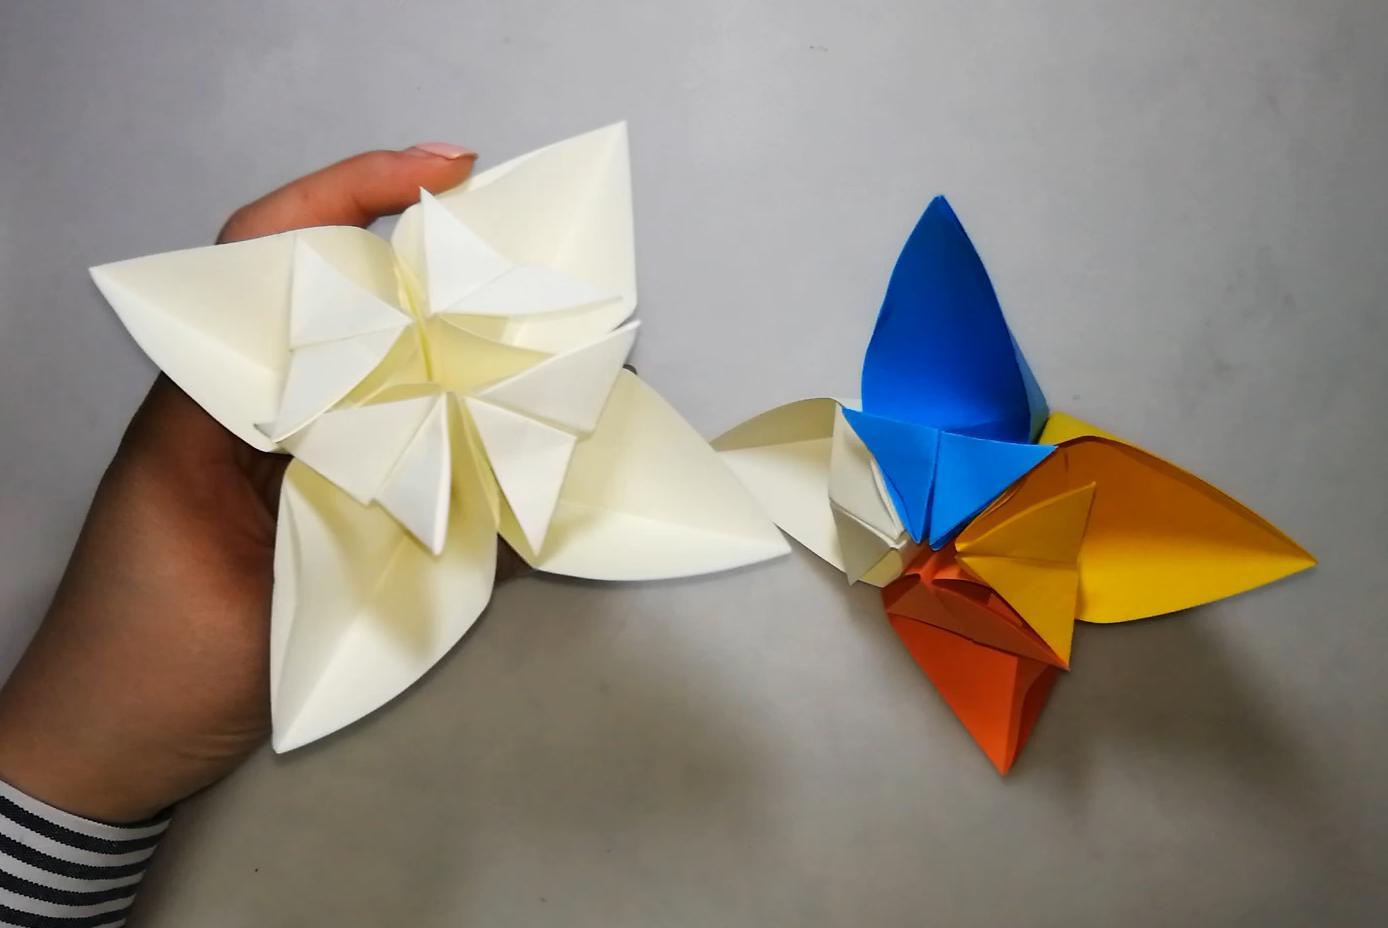 手工折纸白莲花视频教程,放在桌子上很漂亮,小朋友看了就喜欢